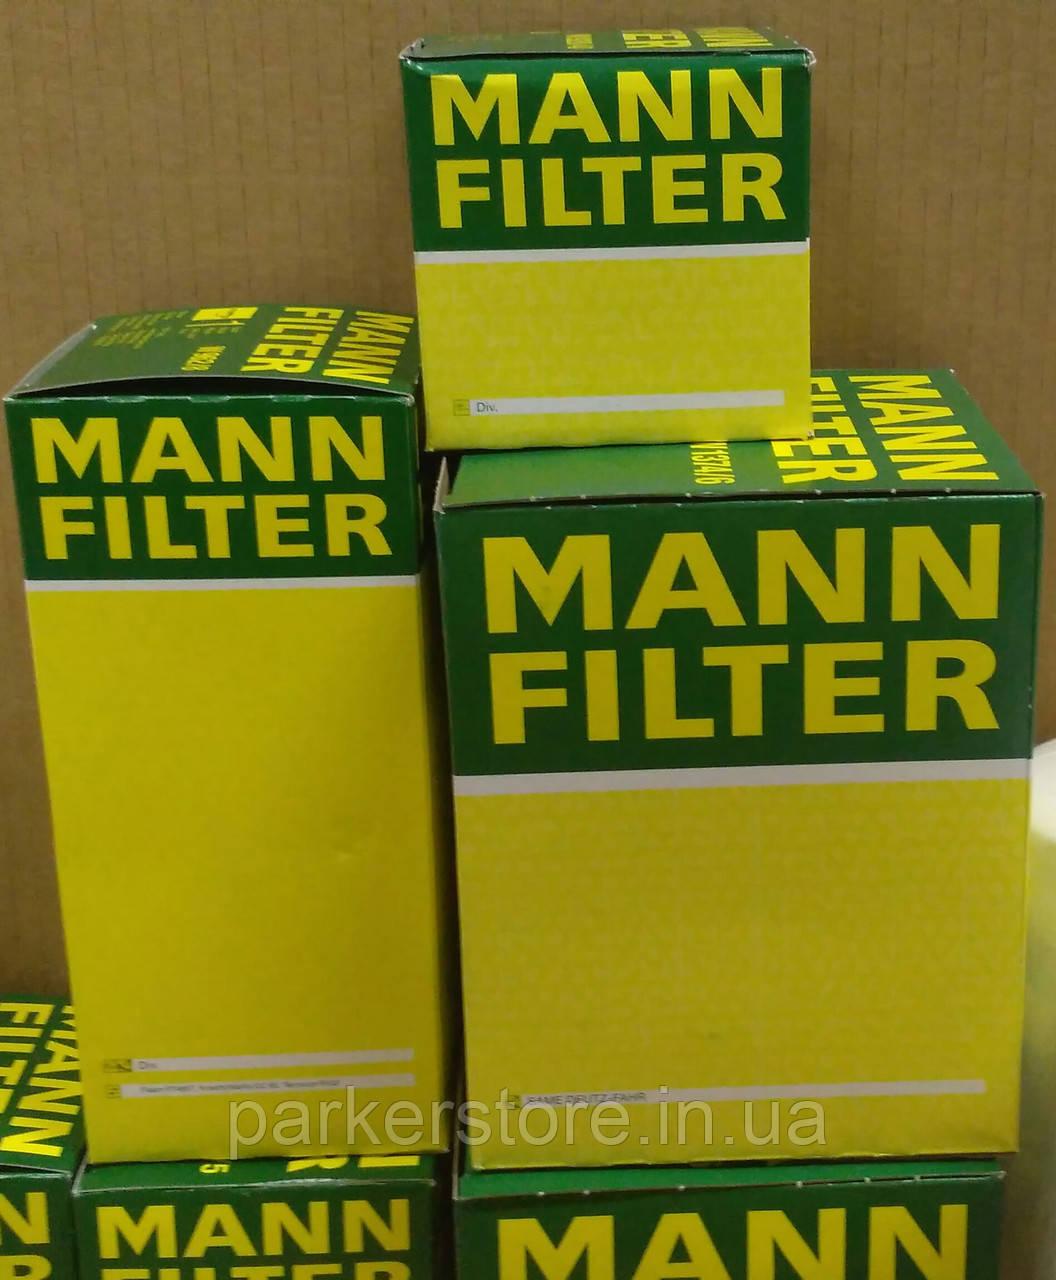 MANN FILTER / Повітряний фільтр / C 2579 / C2579